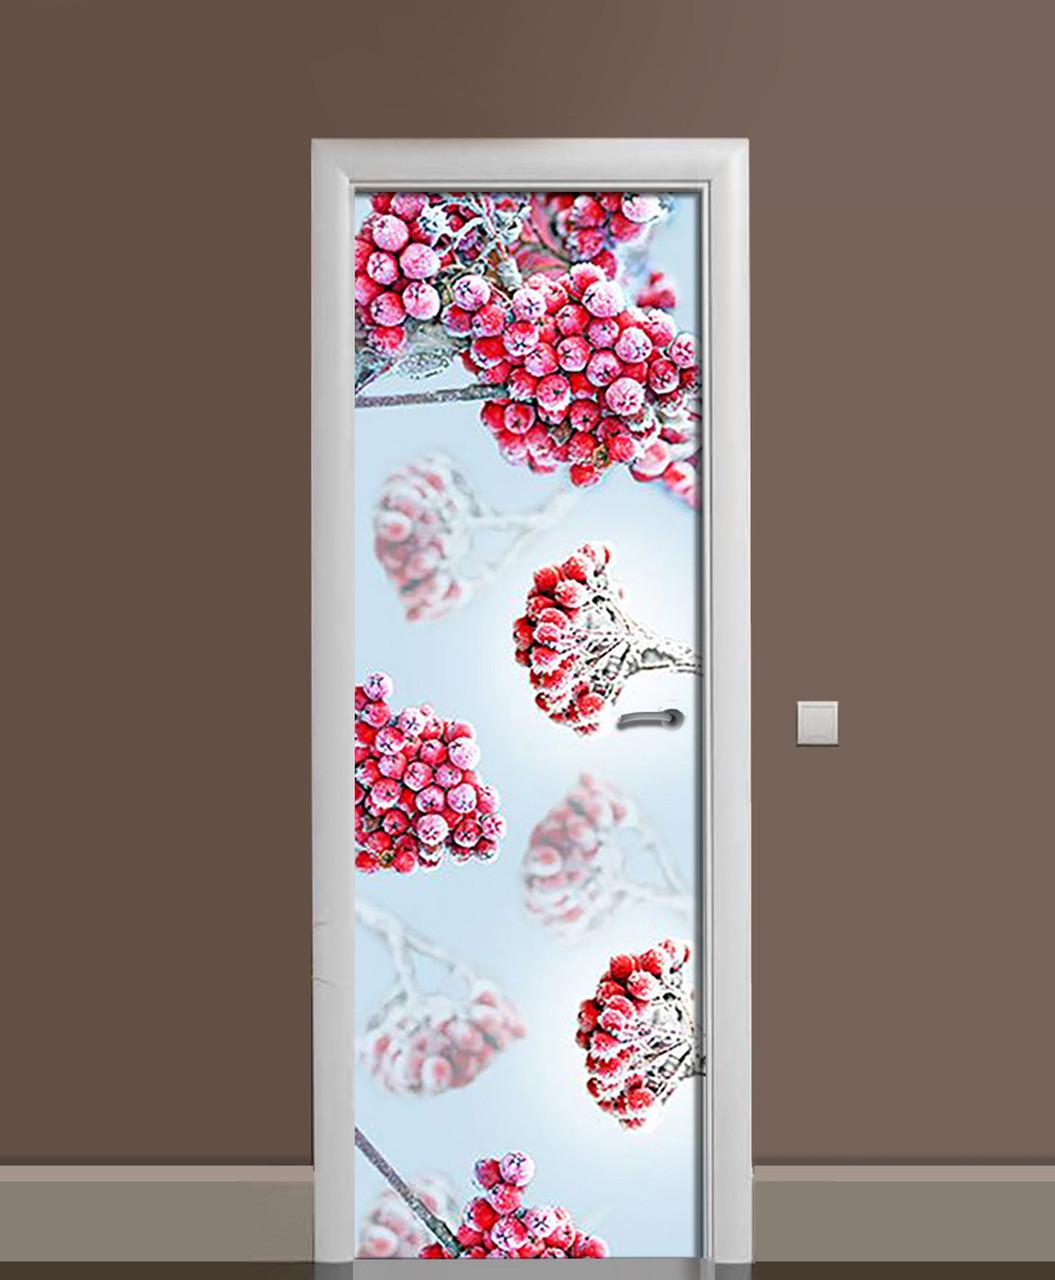 Виниловая наклейка на двери Морозная Калина (самоклеющаяся ламинированная пленка ПВХ) иней ягоды голубой 650*2000 мм